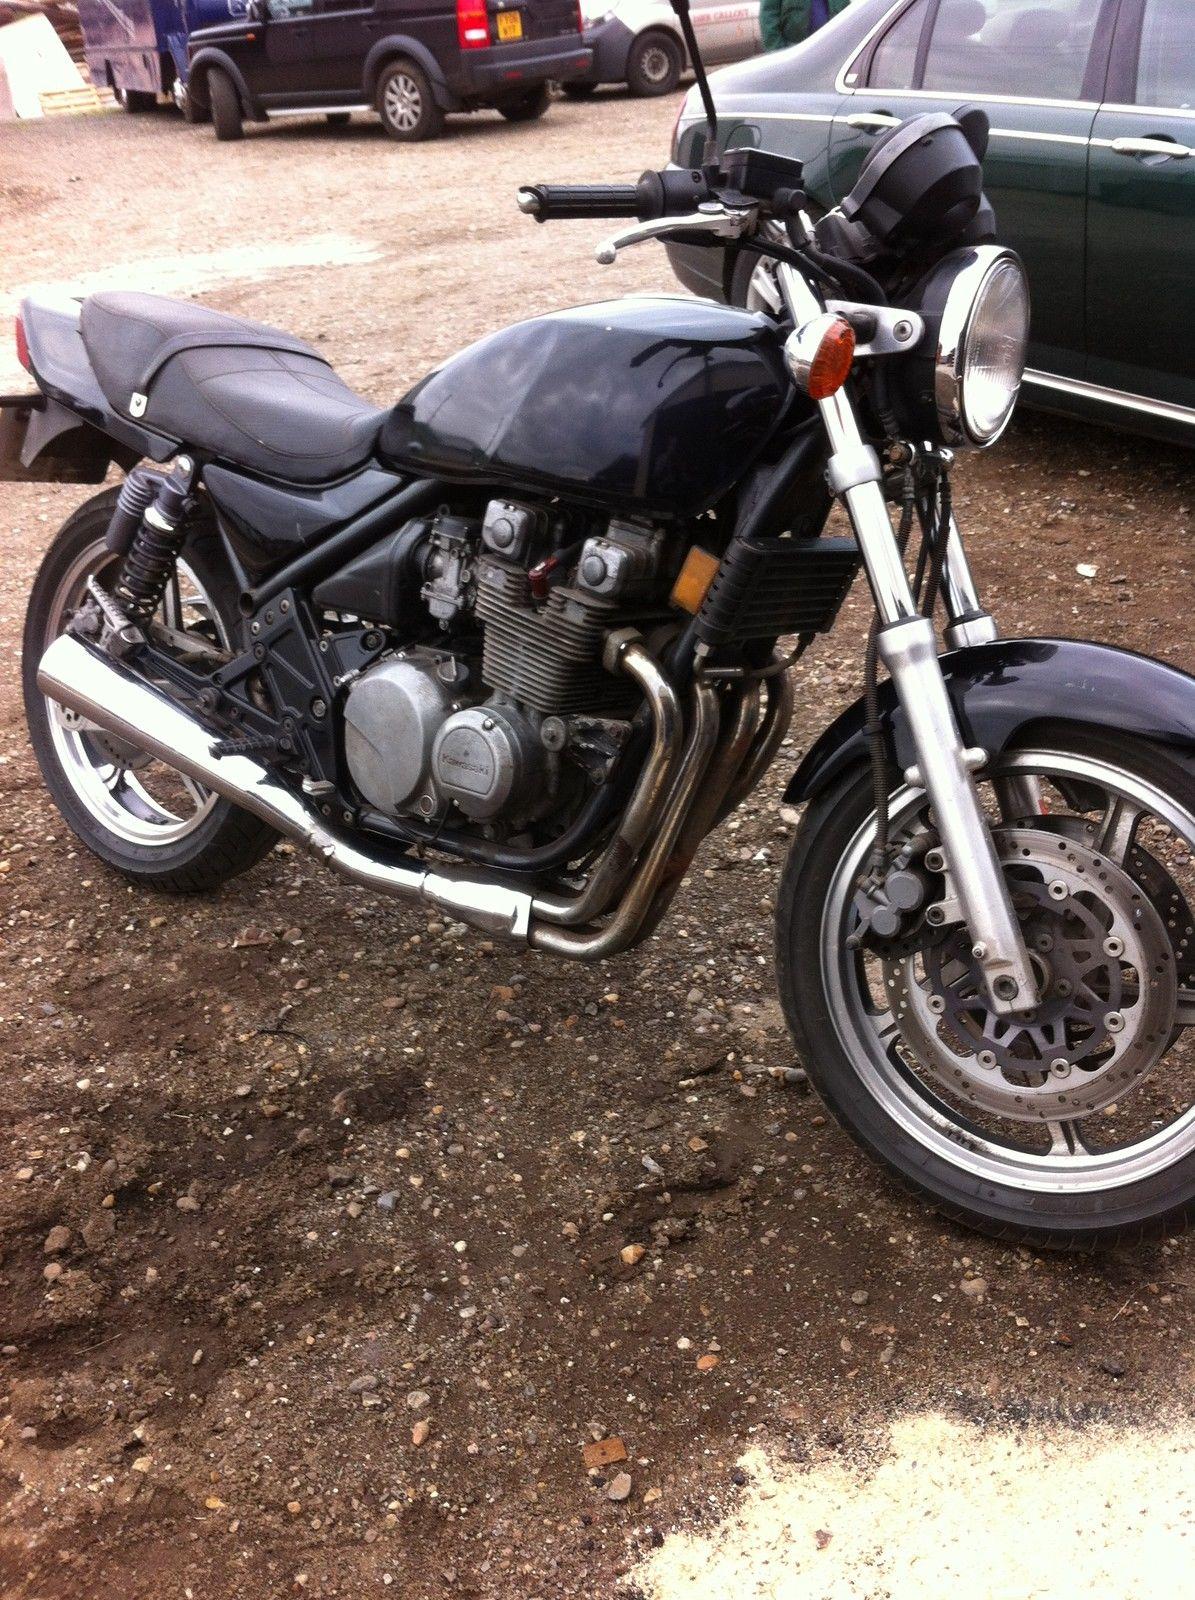 Motorrad Kawasaki ZR 550B Zephyr 550 - Bestes Angebot von